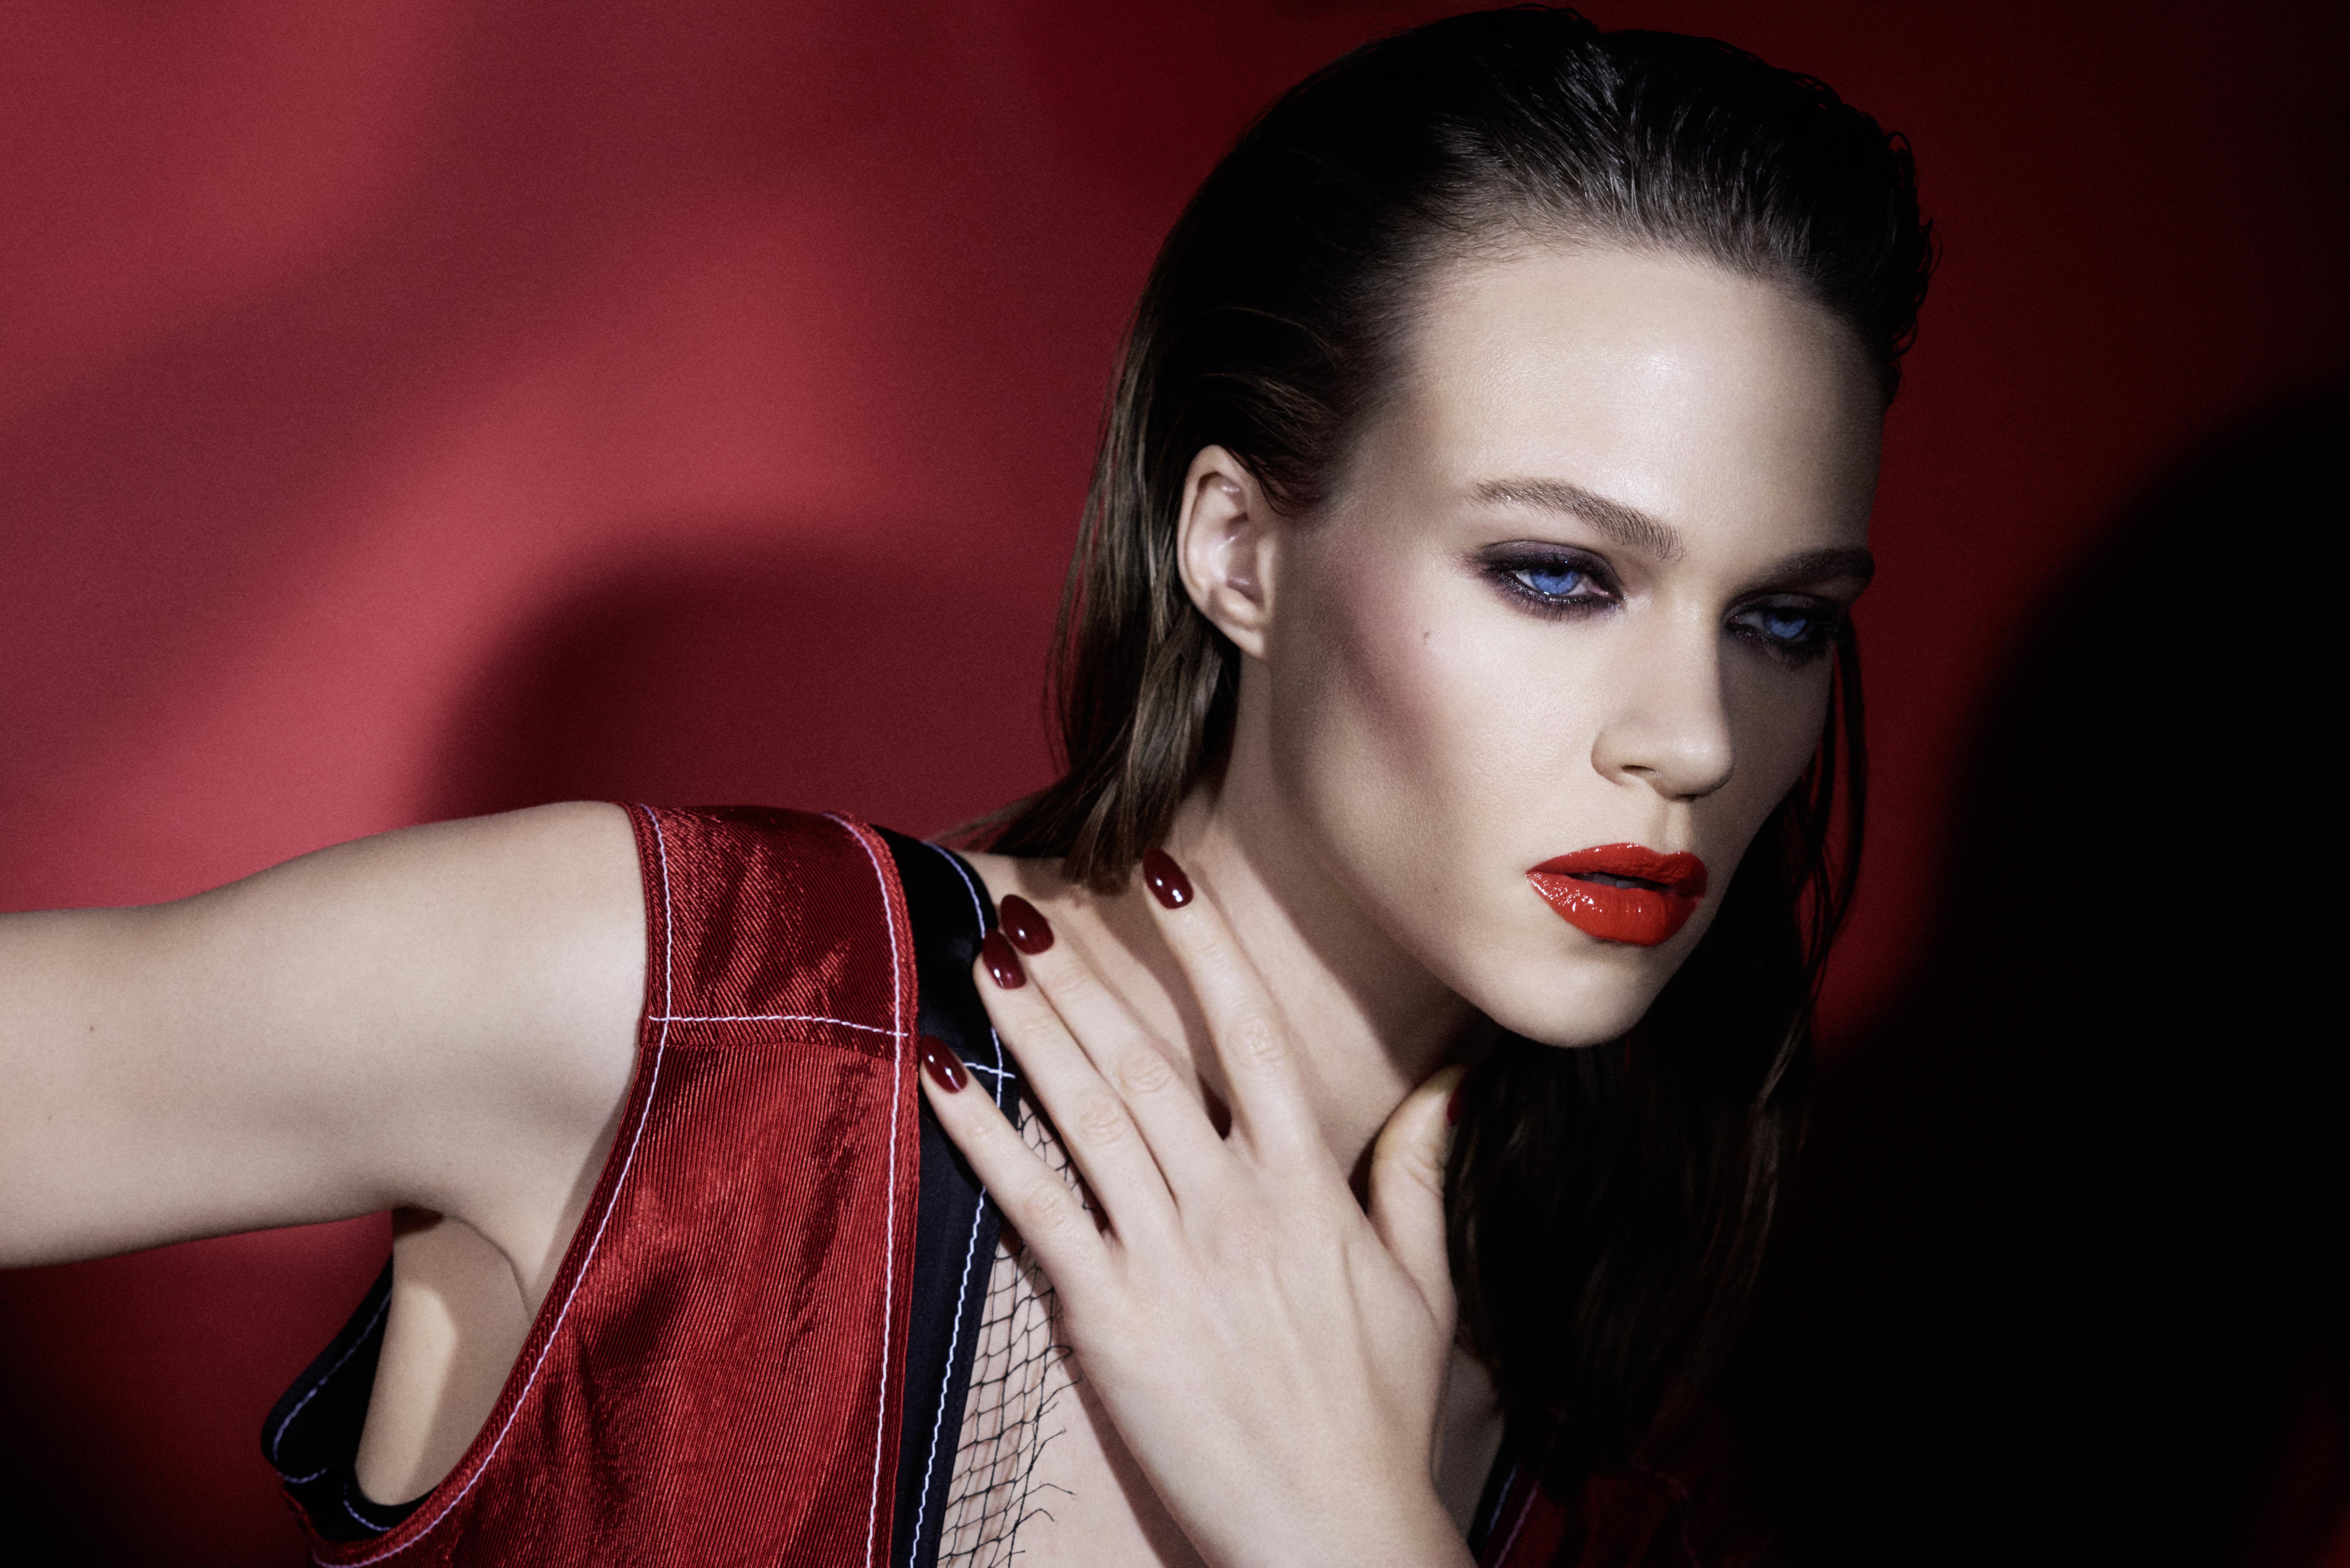 grazia magazine beauty shoot red